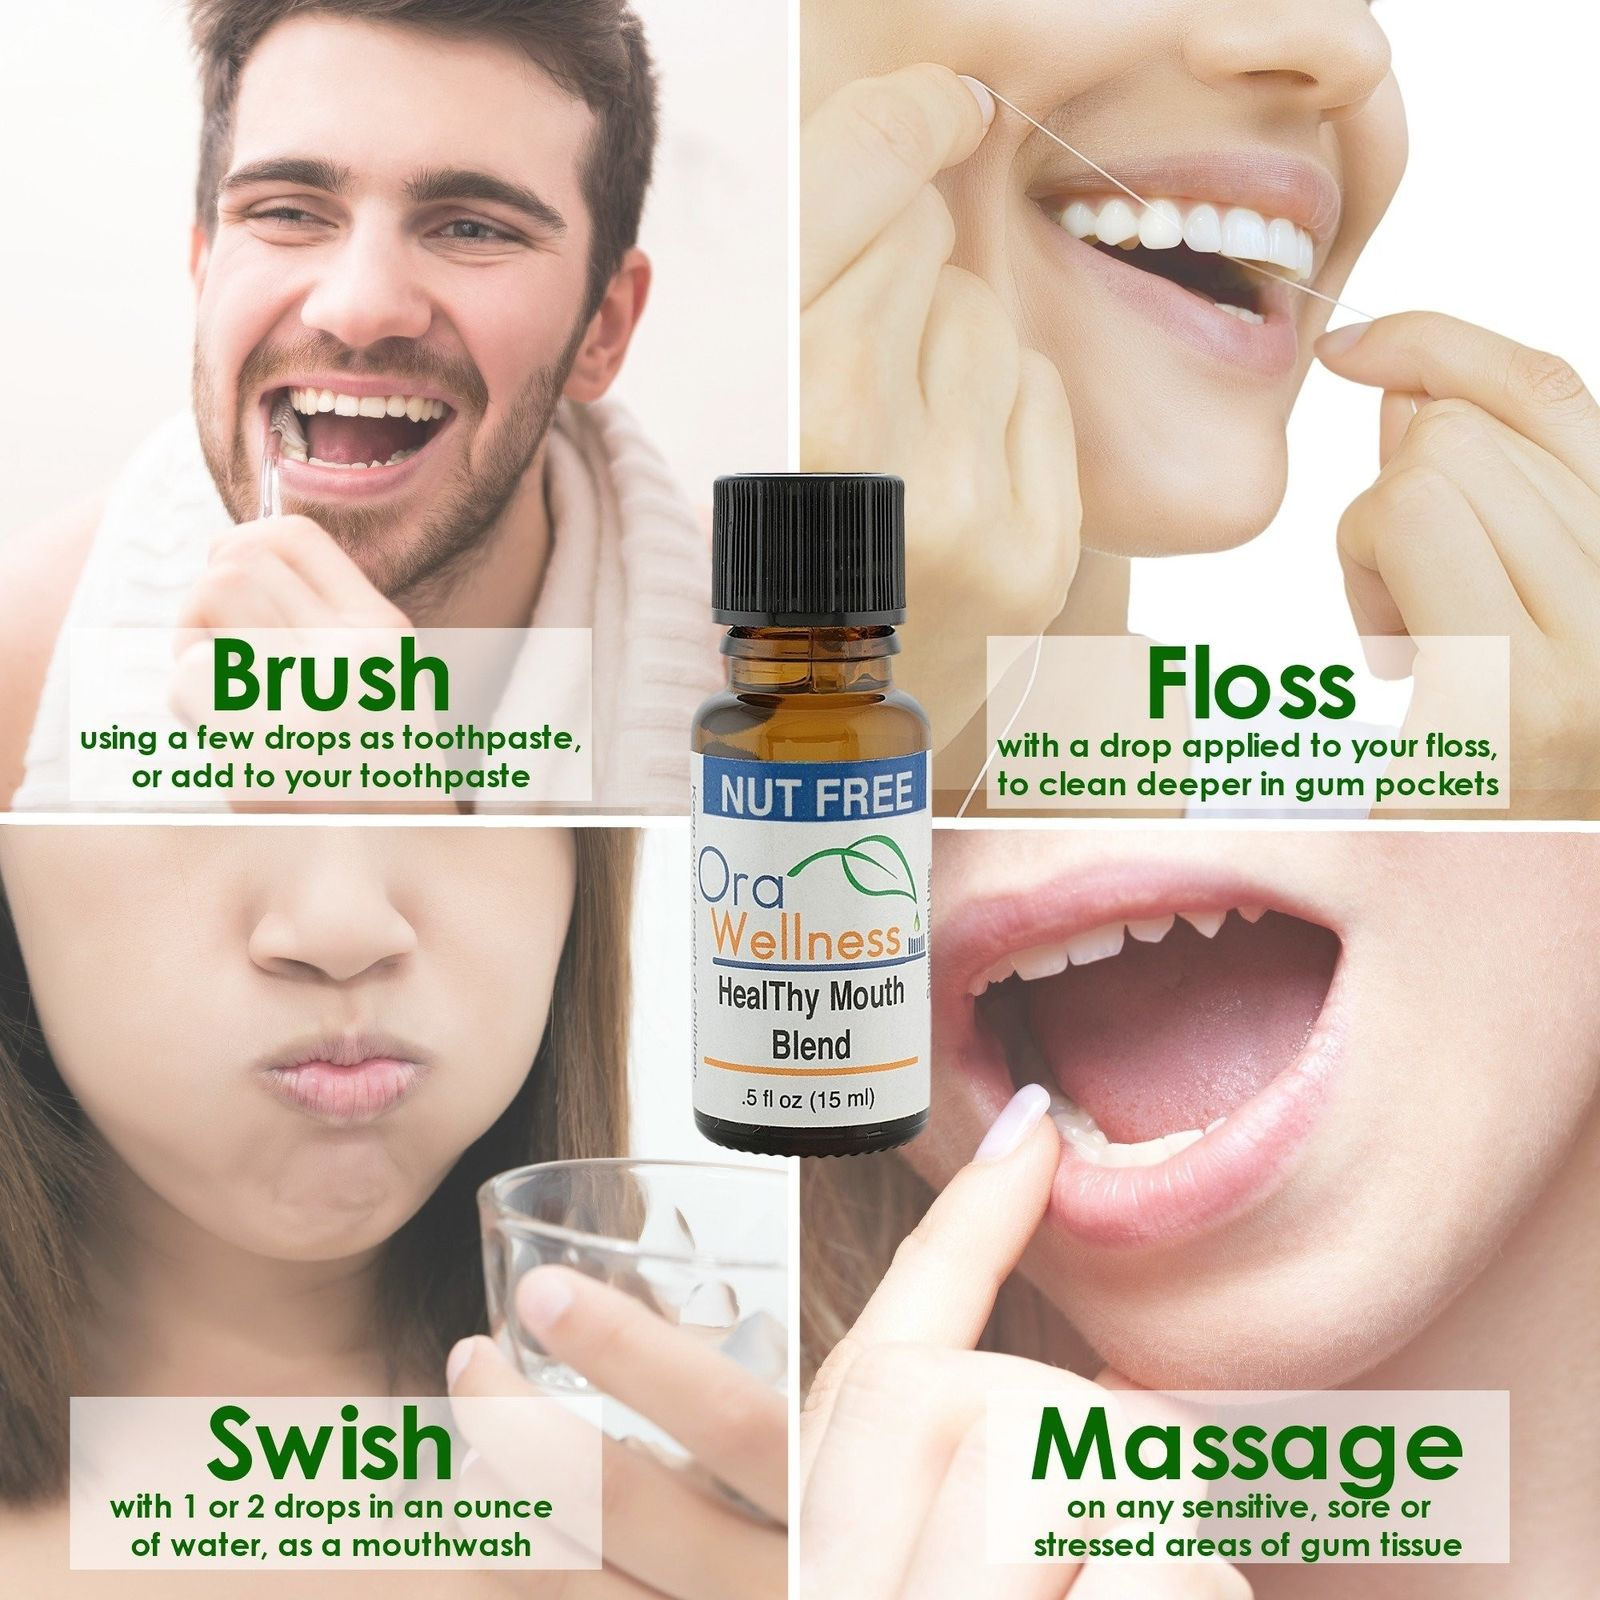 Orawellness Nut Healthy Mouth Blend Single Bottle | eBay